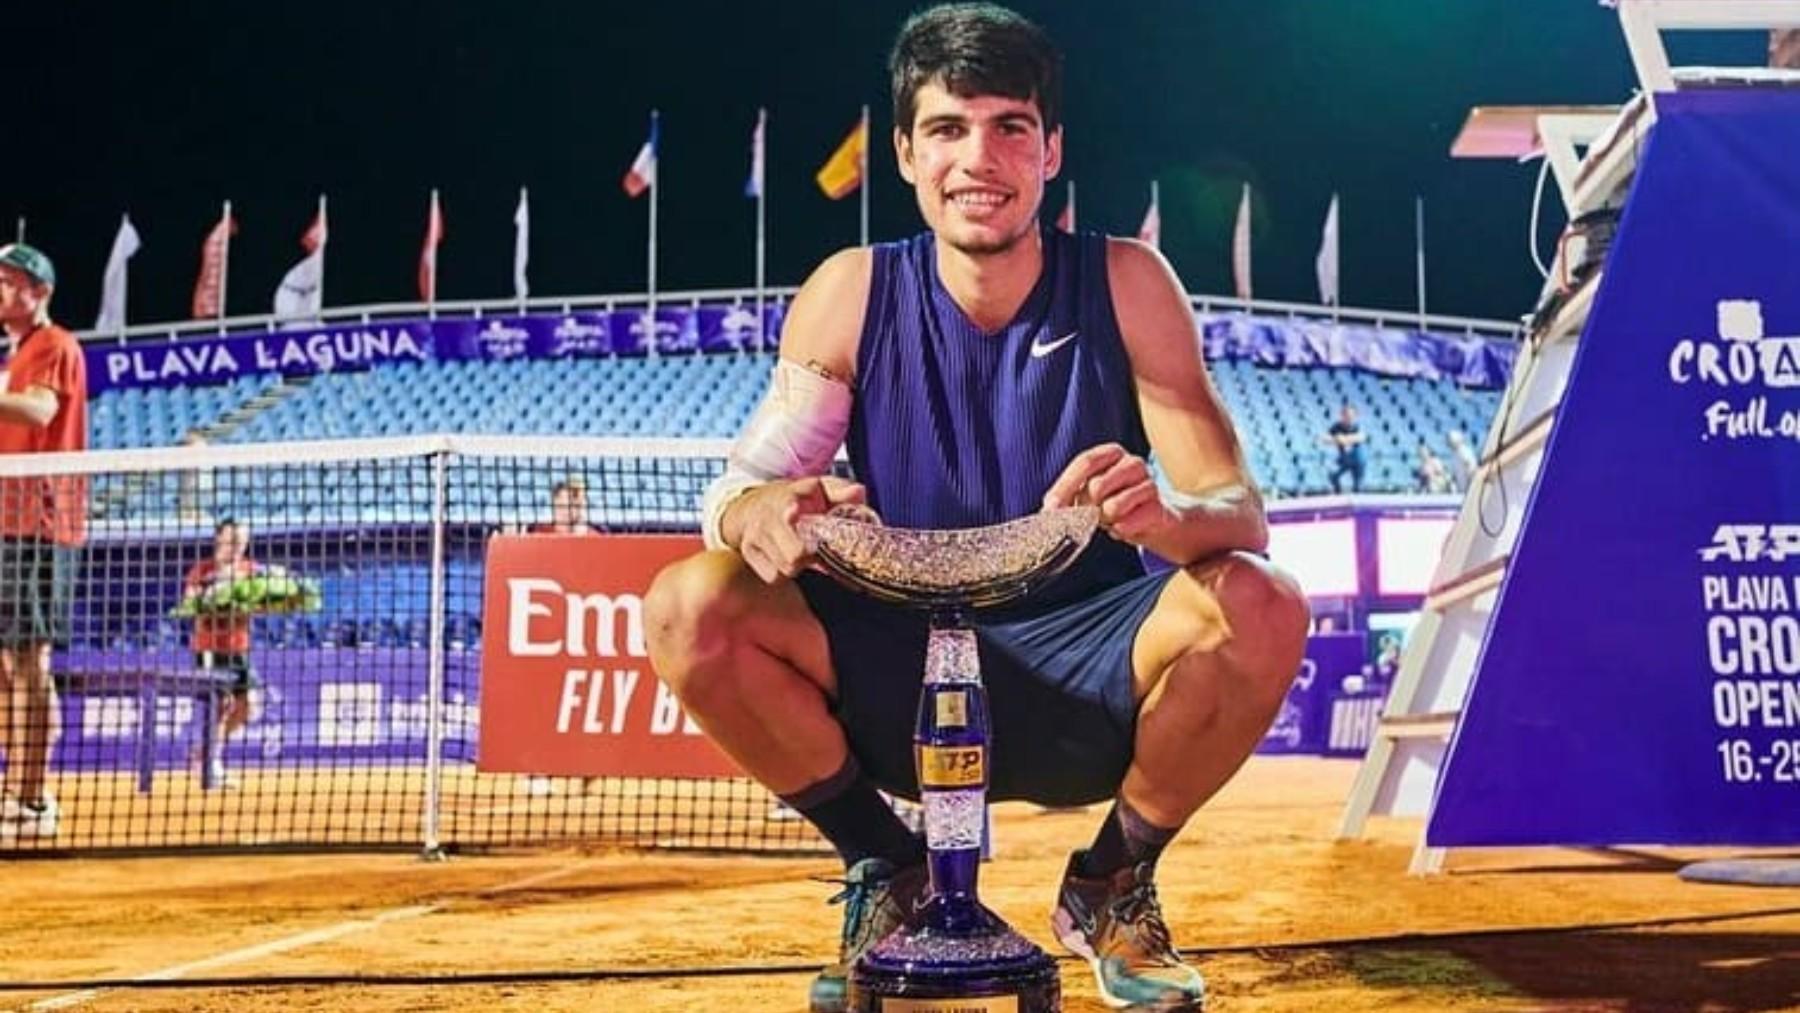 Carlos Alcaraz posa con el título de campeón en Umag. (Foto: Instagram Carlos Alcaraz)